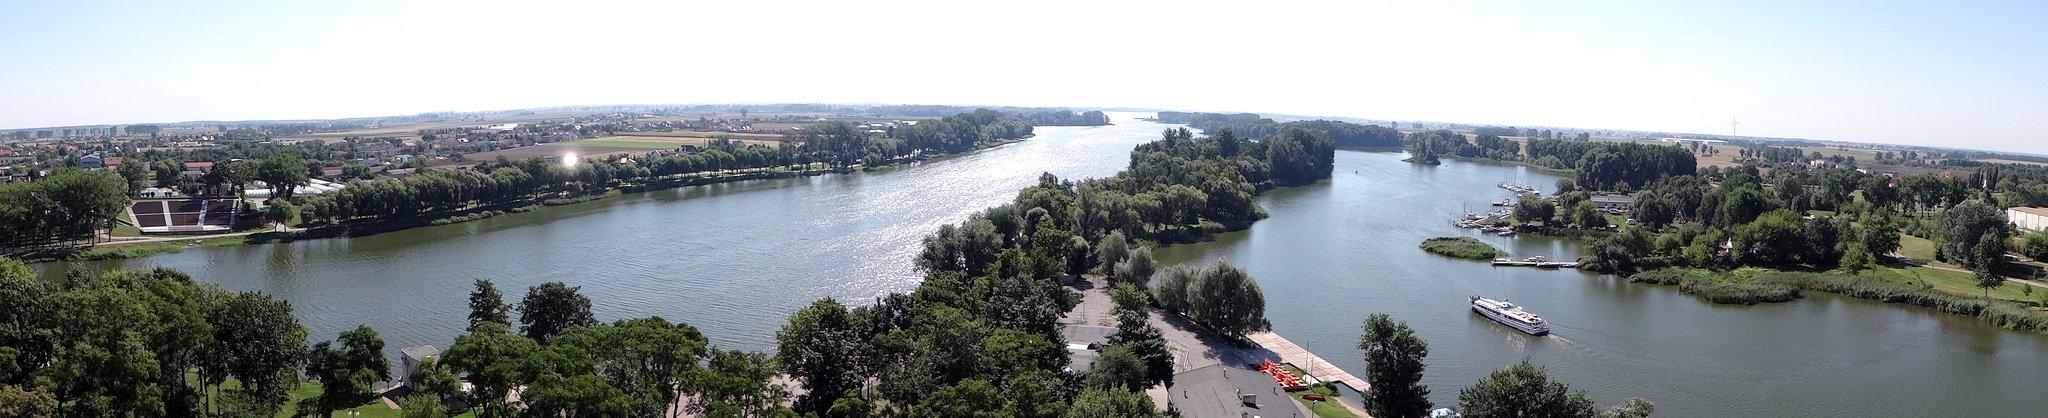 Widok na jezioro Gopło zMysiej Wieży Widok na jezioro Gopło zMysiej Wieży Źródło: 1bumer, licencja: CC BY-SA 3.0.